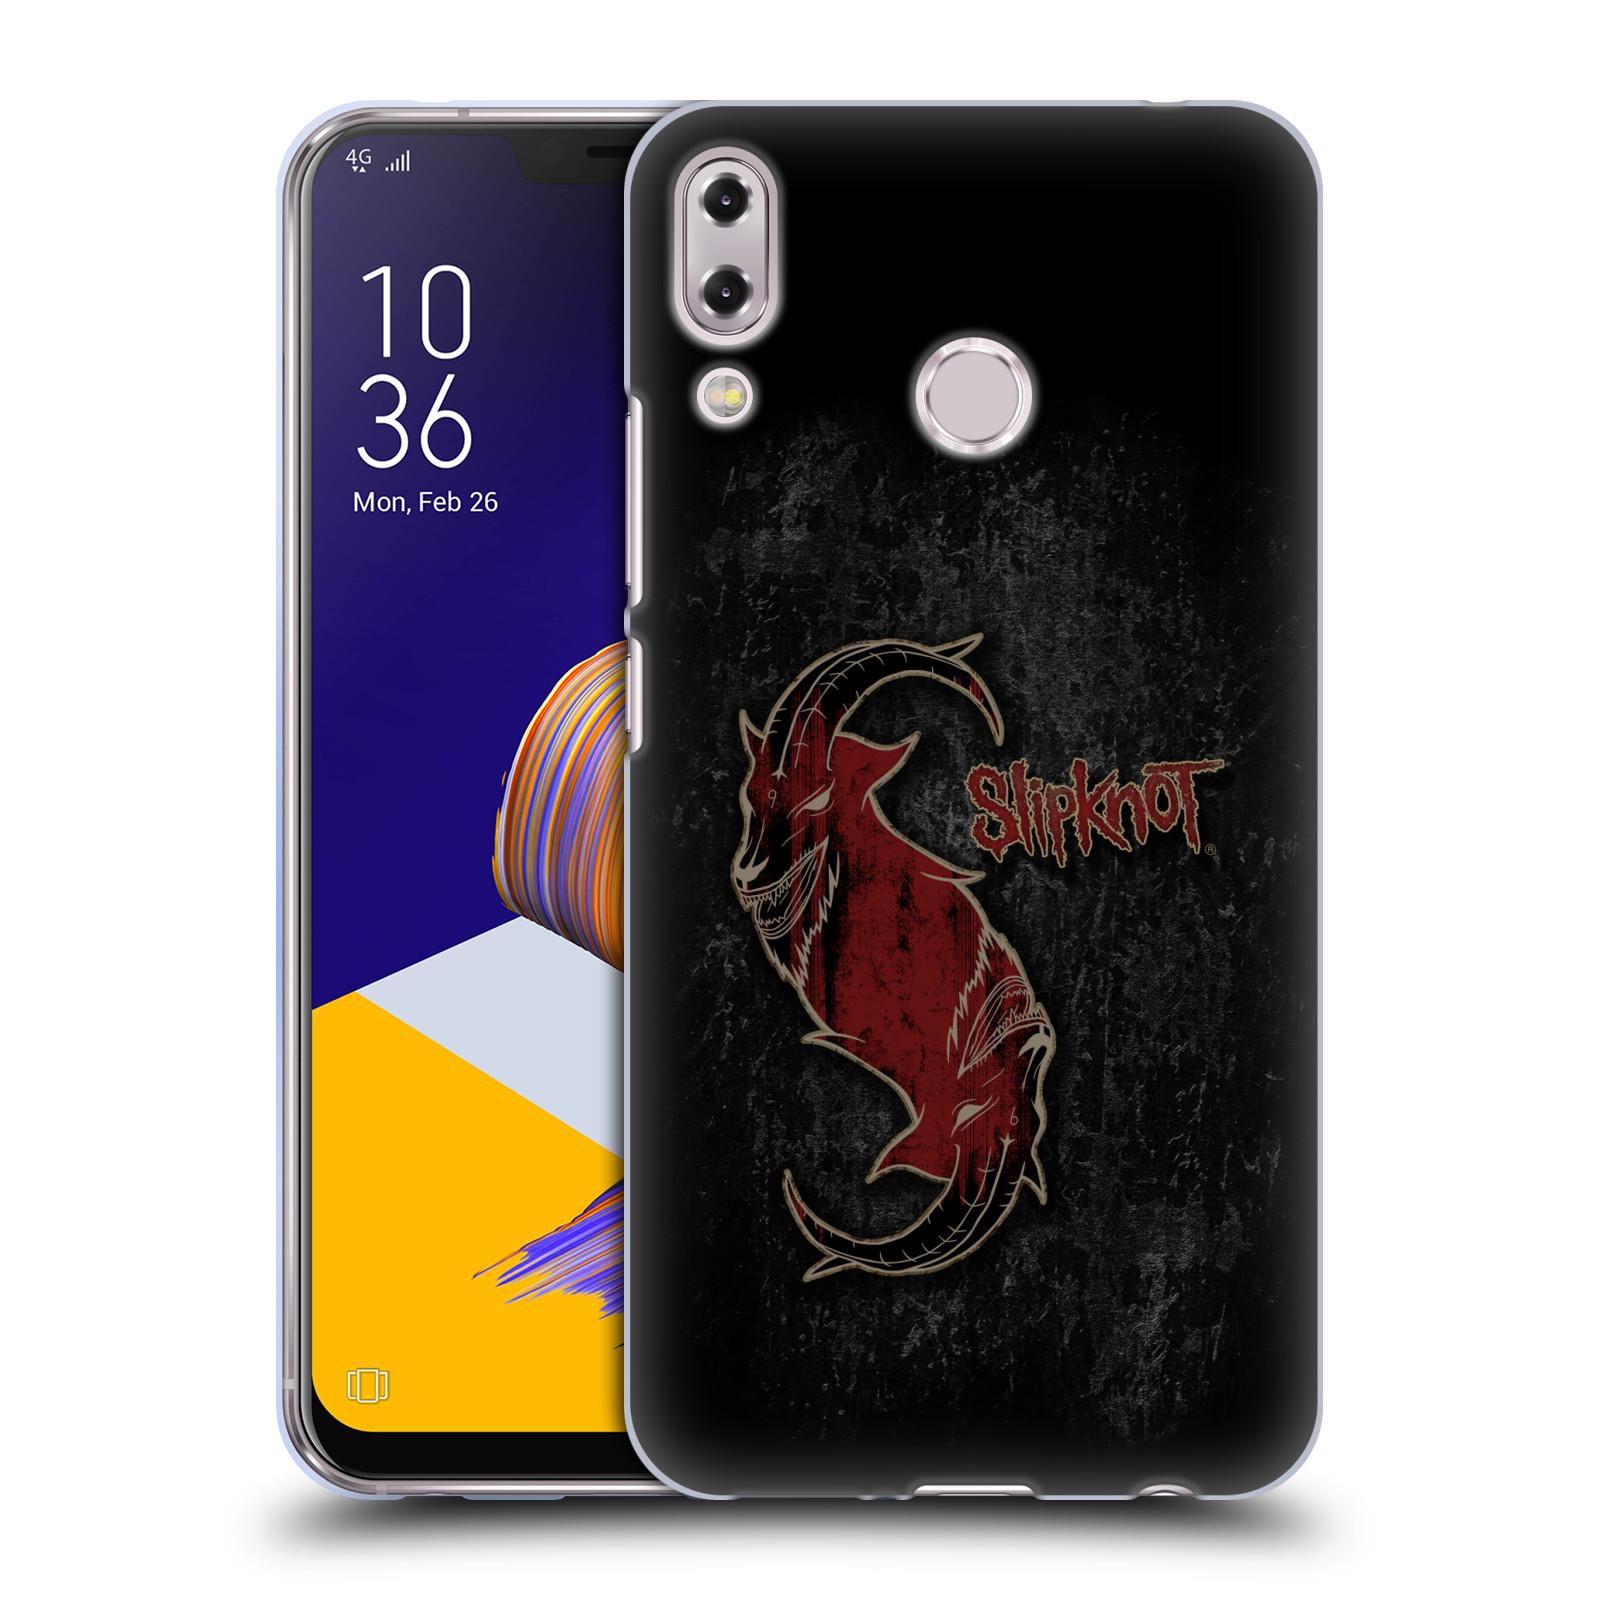 Silikonové pouzdro na mobil Asus ZenFone 5 ZE620KL - Head Case - Slipknot - Rudý kozel